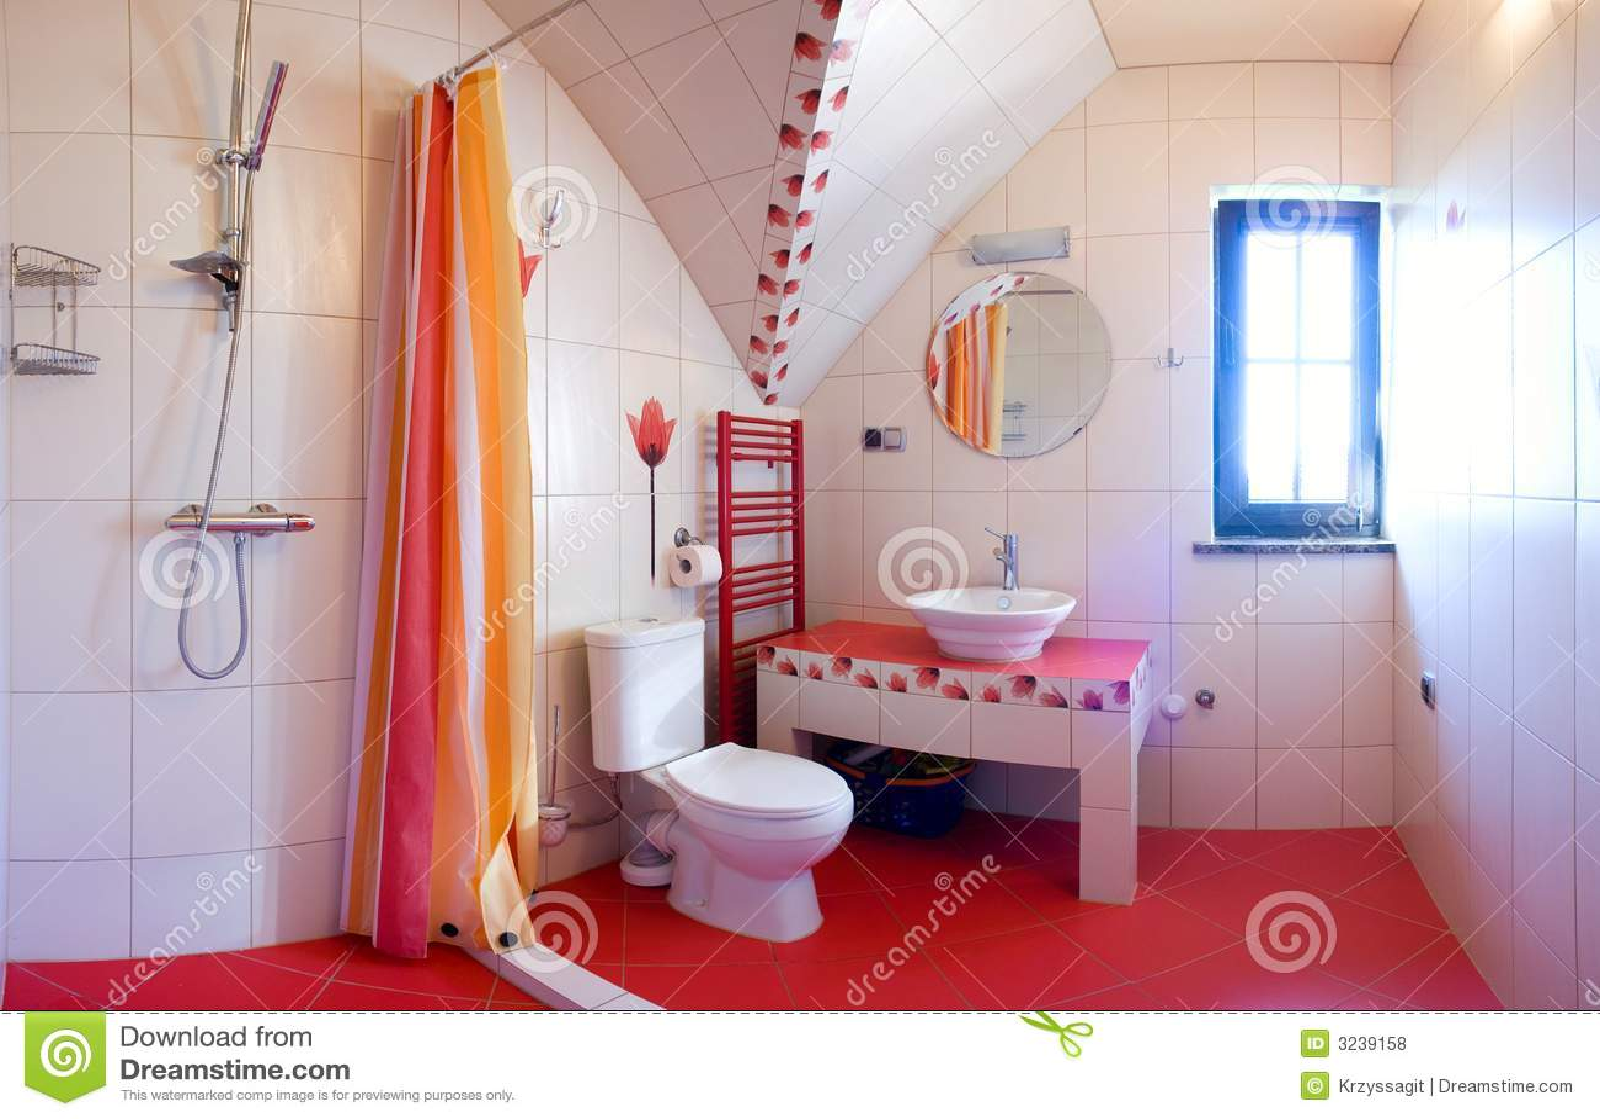 banheiro italian